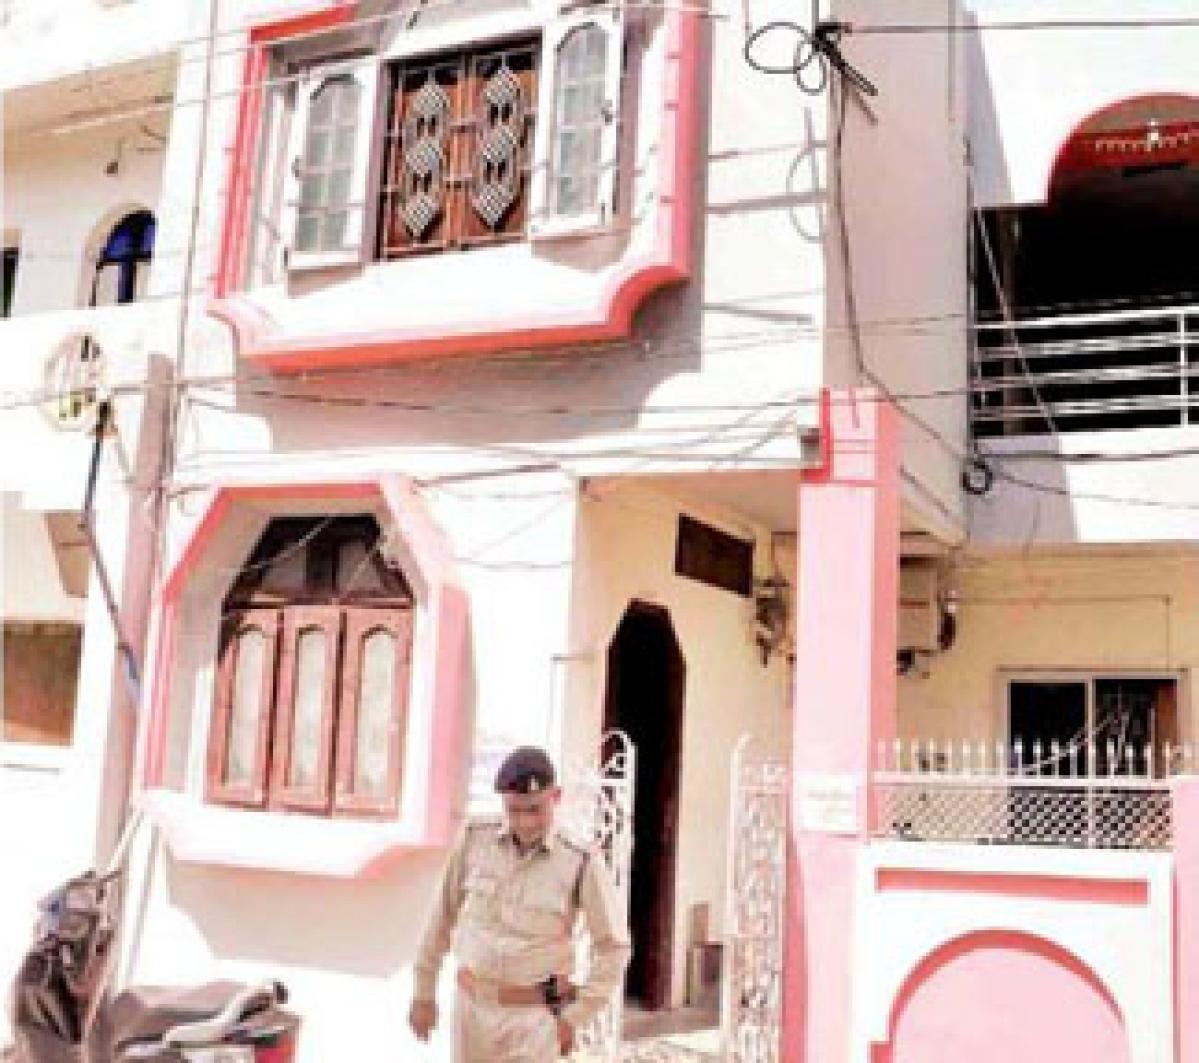 I-T raid reveals money laundering of crores through UCB